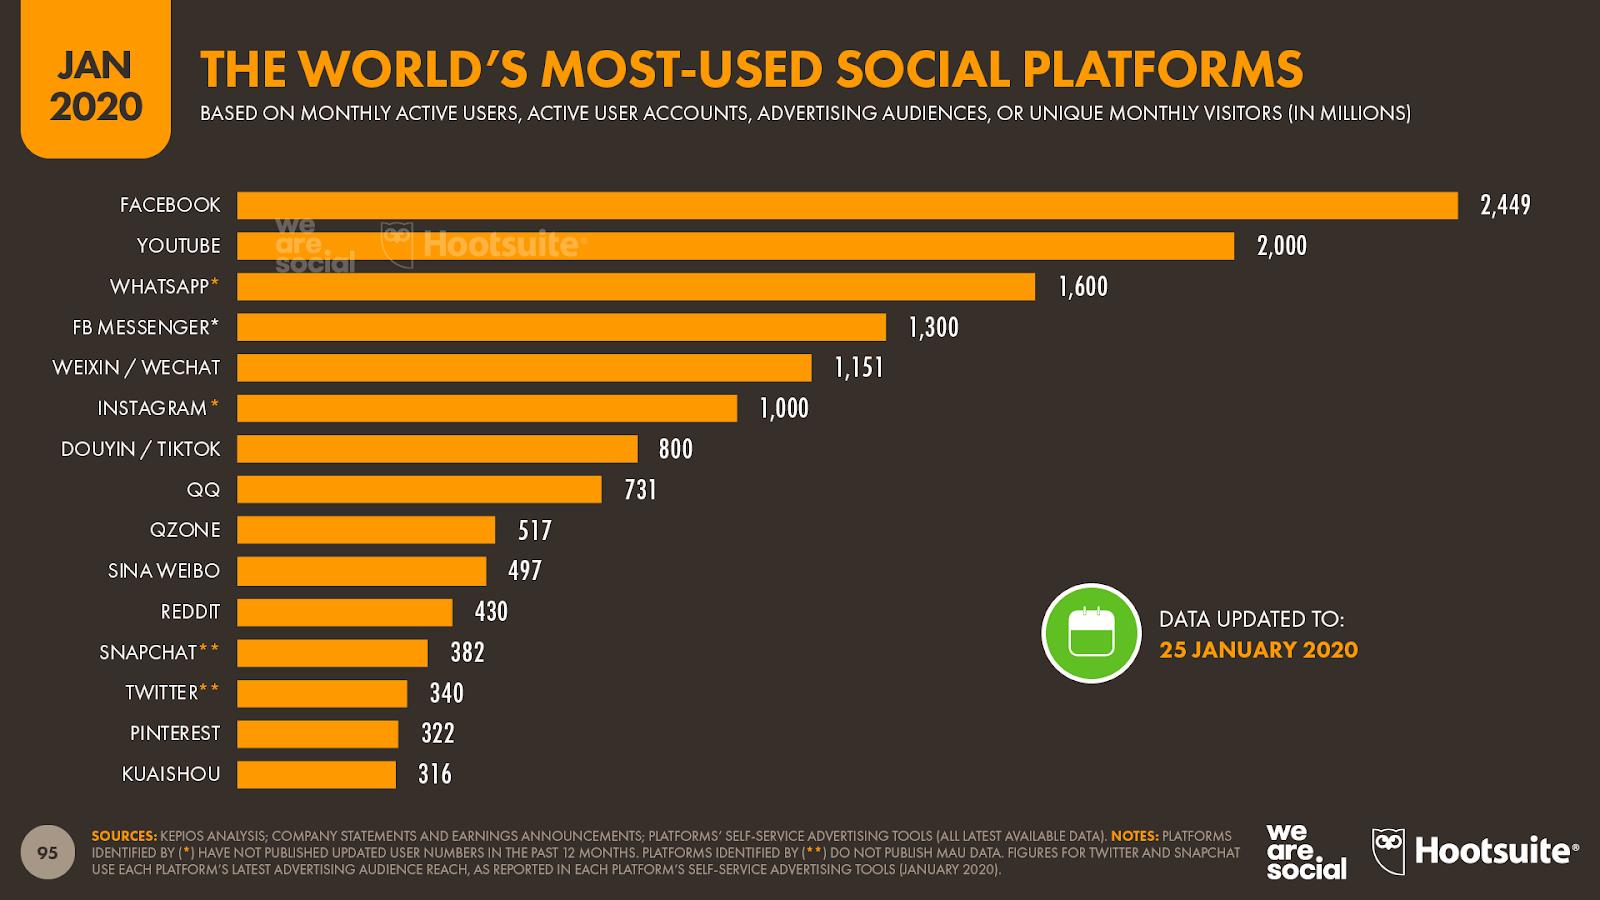 Graphique qui représente les plateformes sociales les plus utilisées dans le monde en 2020